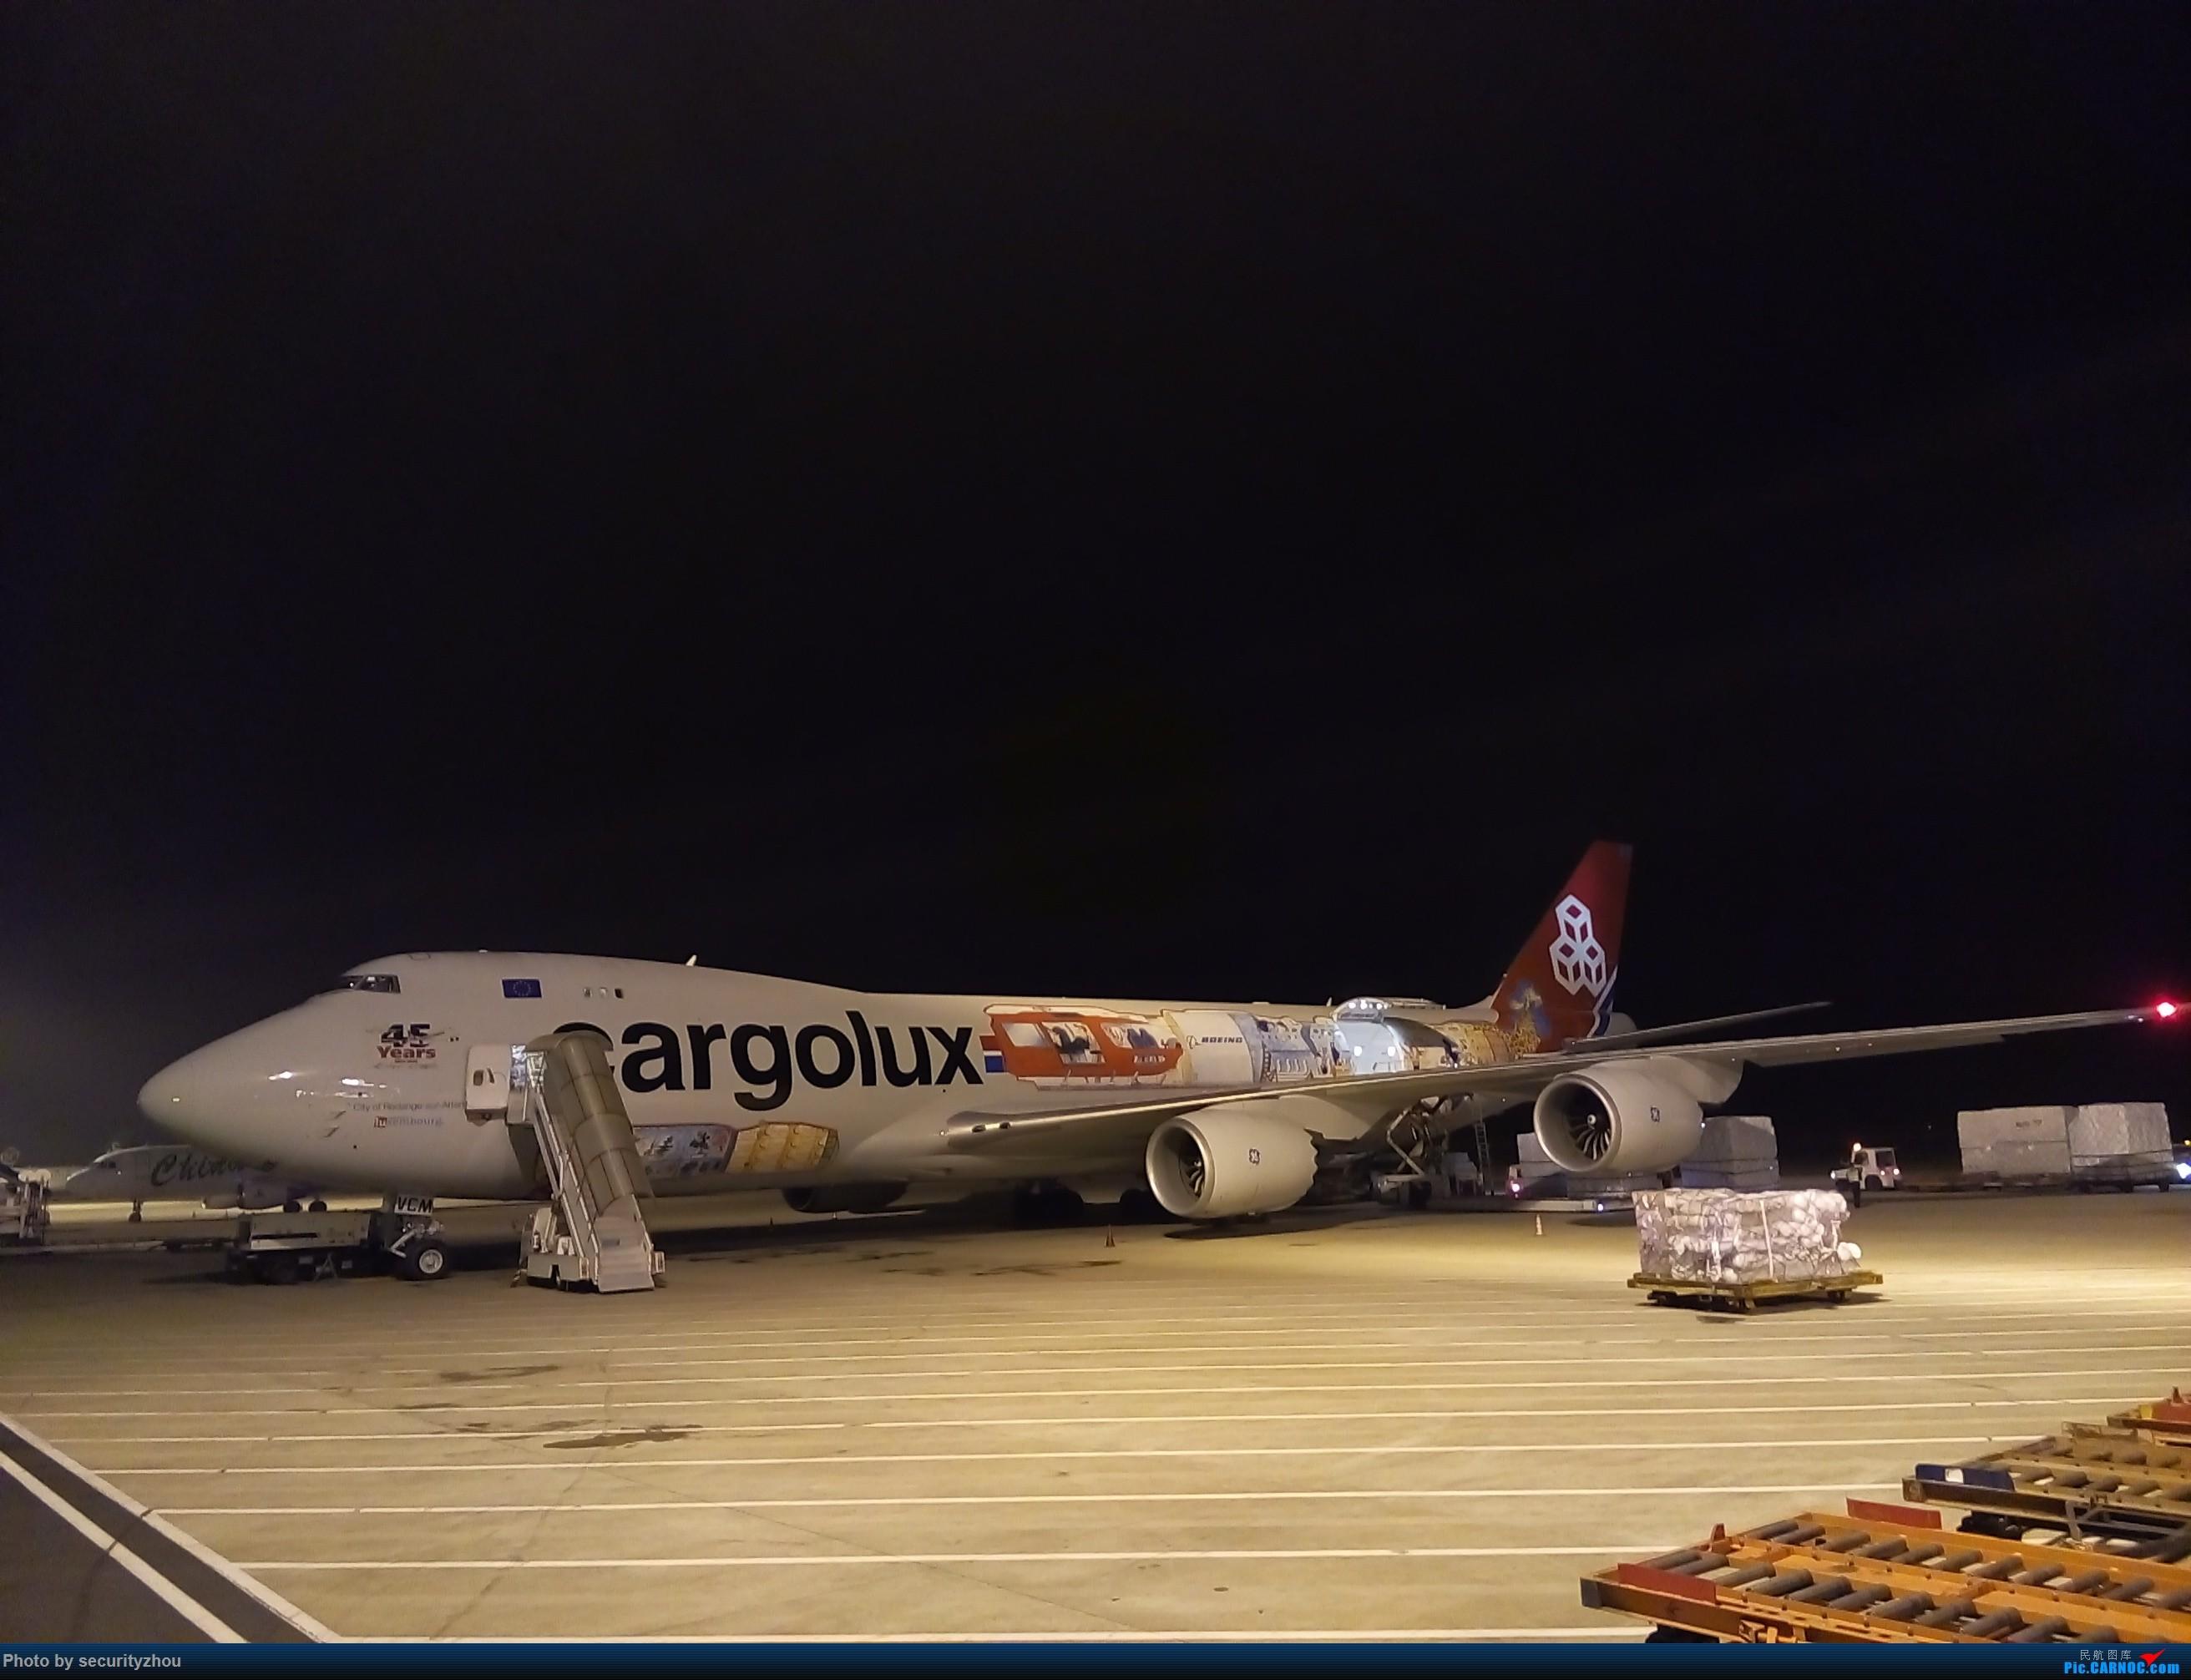 [原创]卢森堡货运航空彩绘机首航浦东机场 BOEING 747-8F LX-VCM 中国上海浦东国际机场